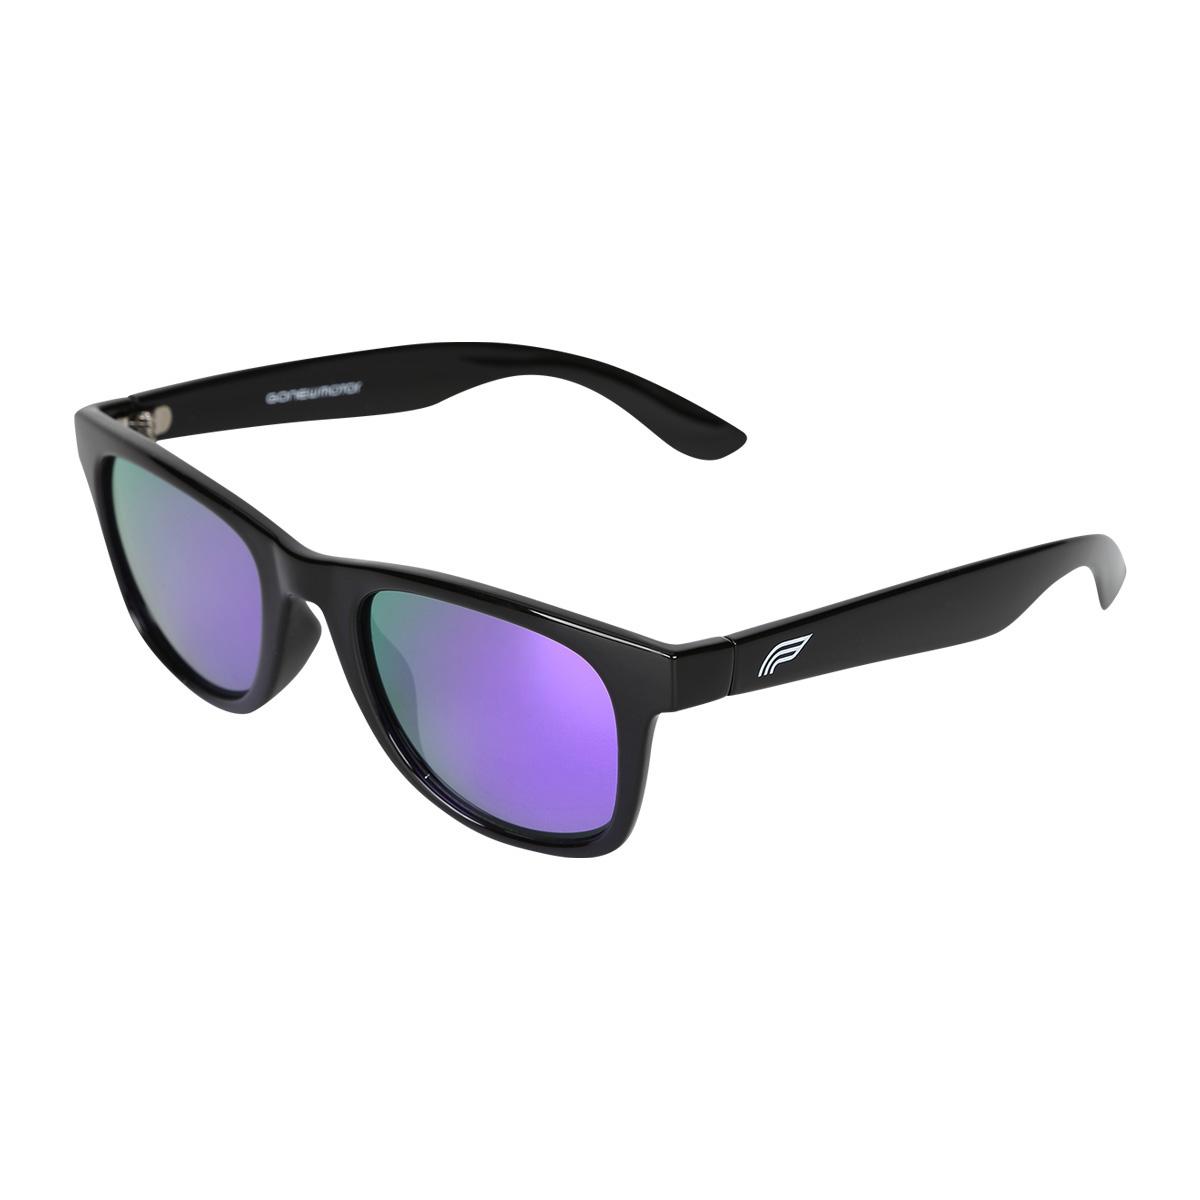 oculos gonew - Óculos Gonew Motor Runaway - R$69,90